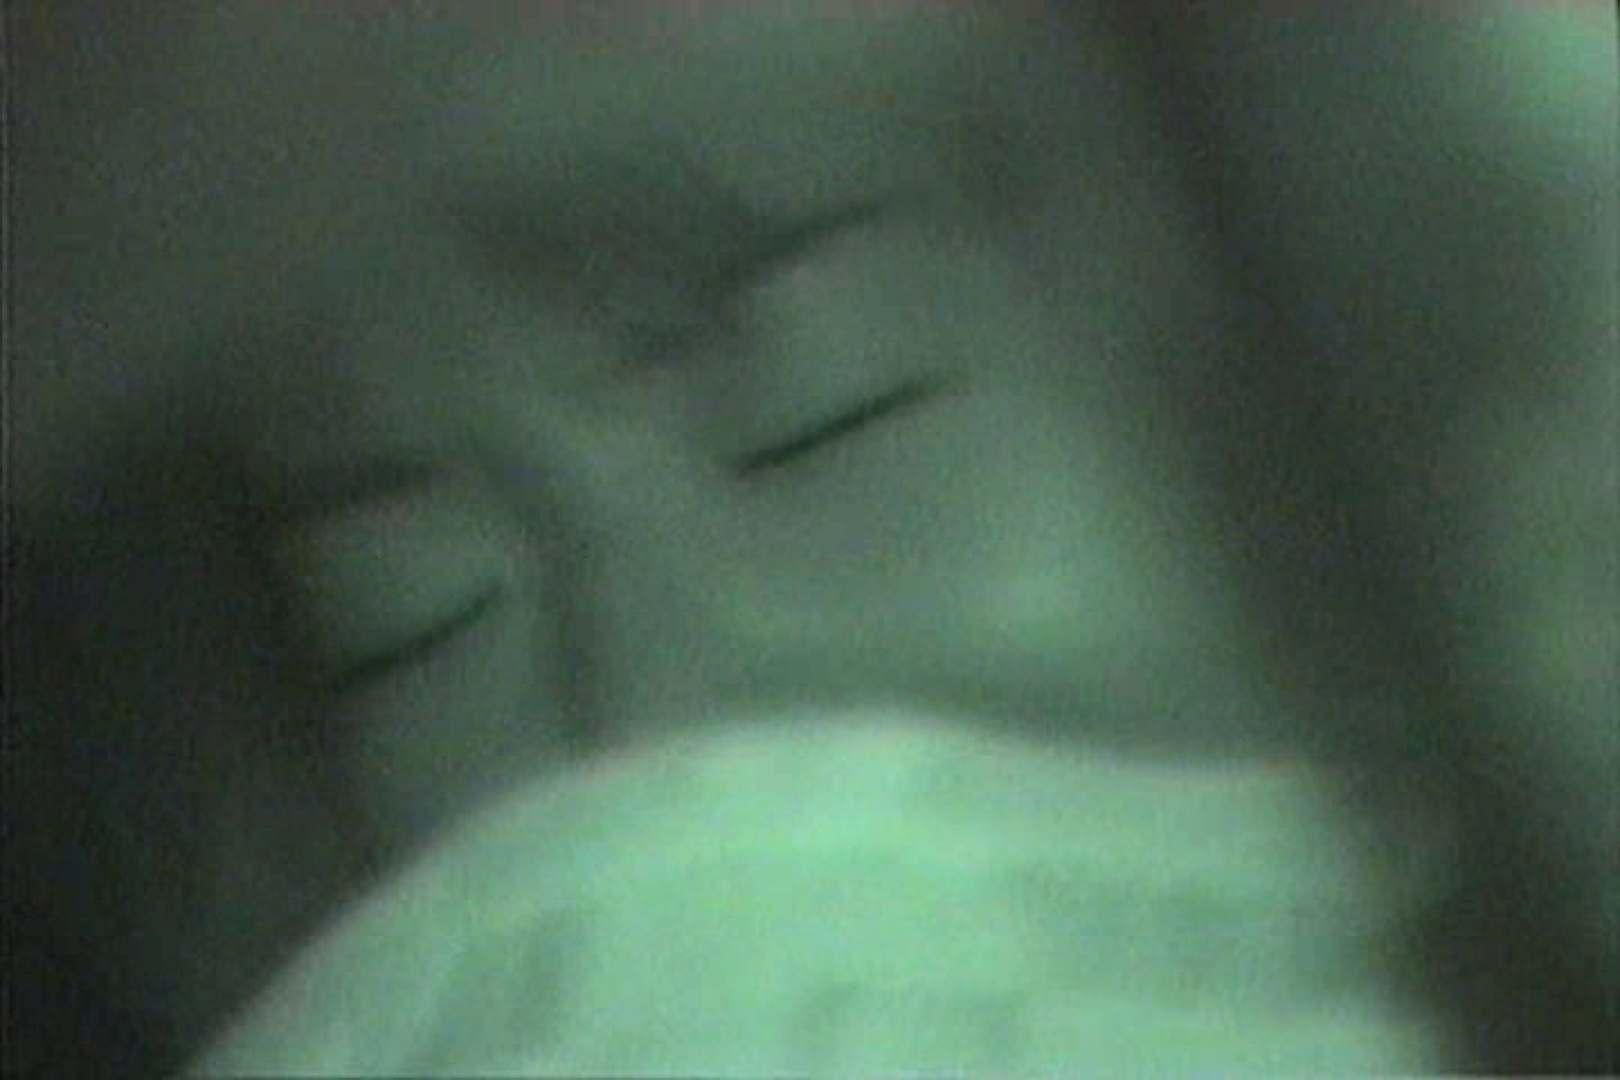 カーセックス未編集・無修正版 Vol.11後編 カーセックス セックス無修正動画無料 67画像 51